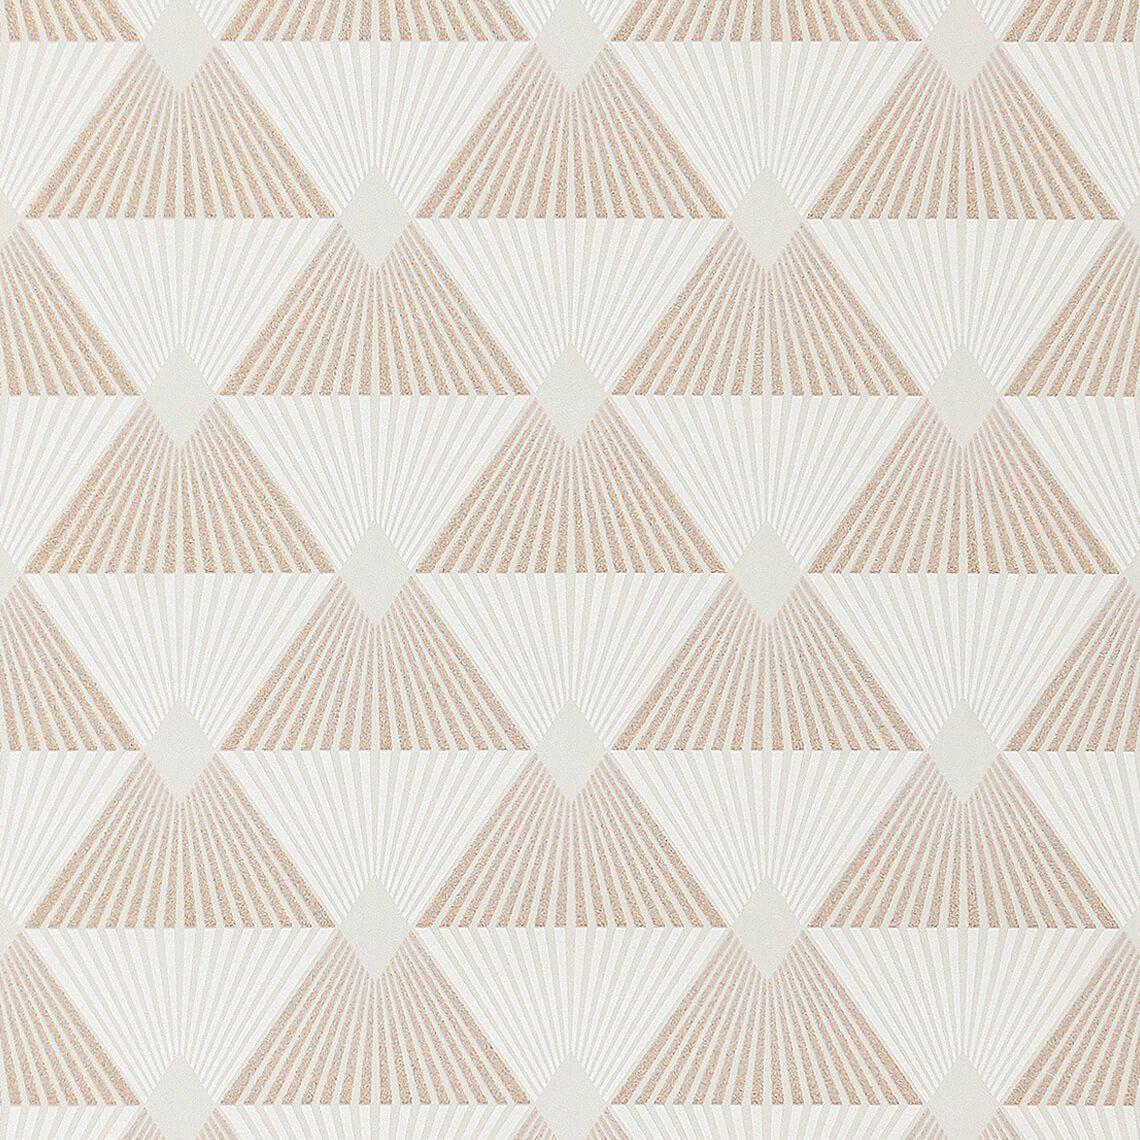 papier peint gatsby expans sur intiss motif art d co cru architecture pinterest motif. Black Bedroom Furniture Sets. Home Design Ideas